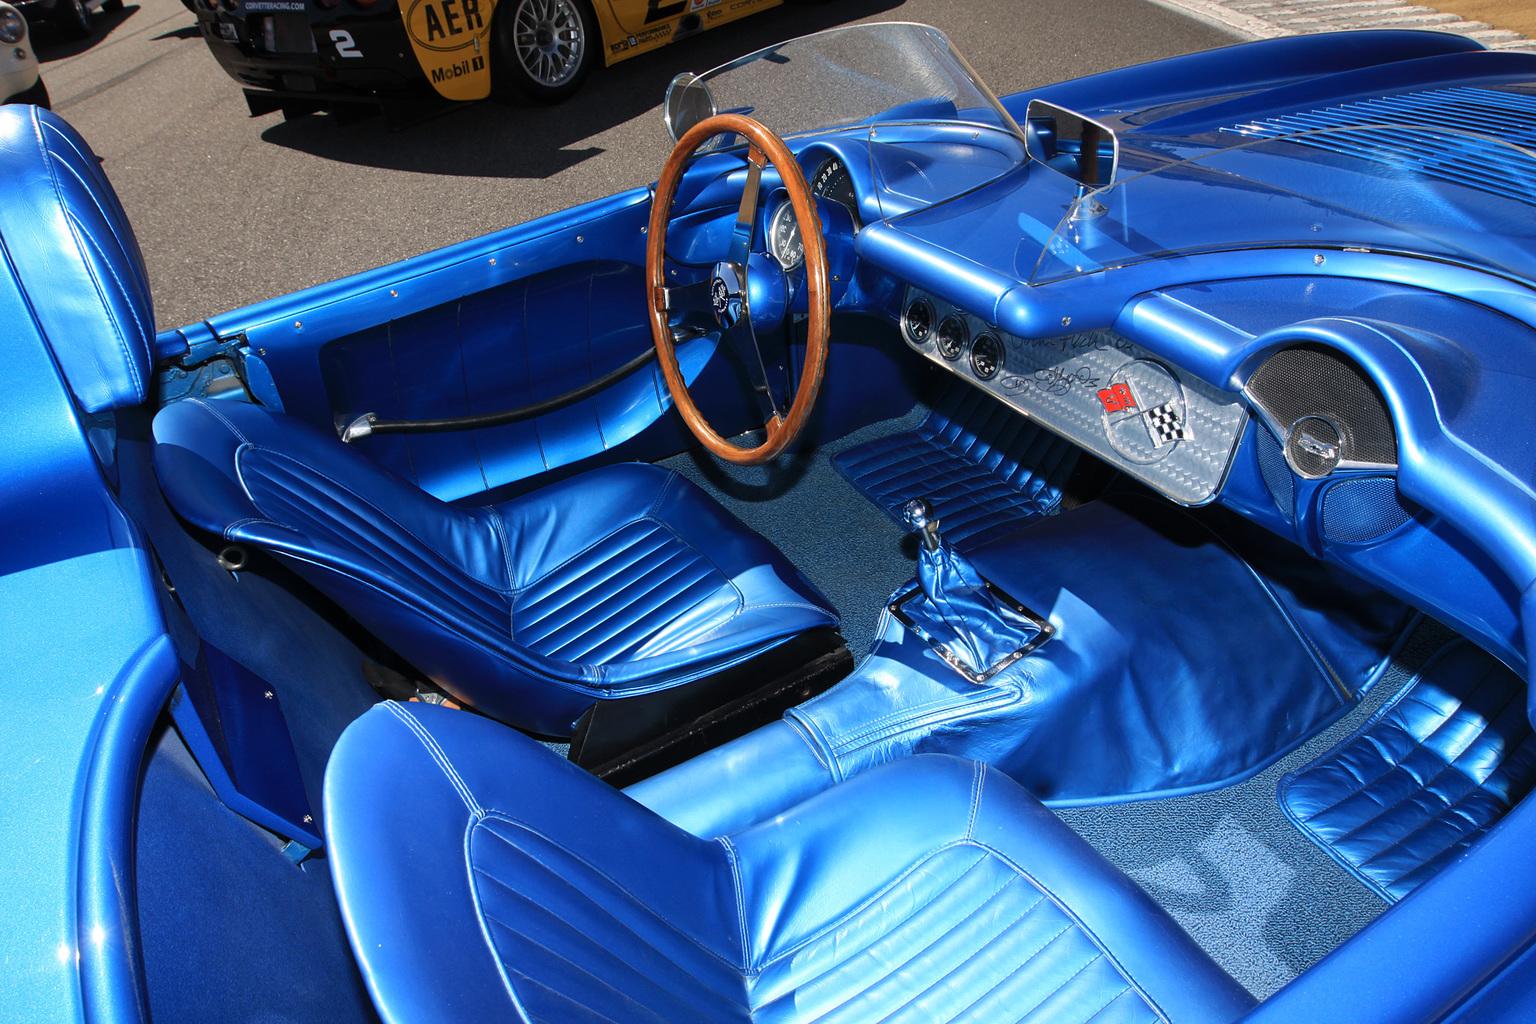 Chevrolet Corvette SR-2 в наше время, фото 8, интерьер.